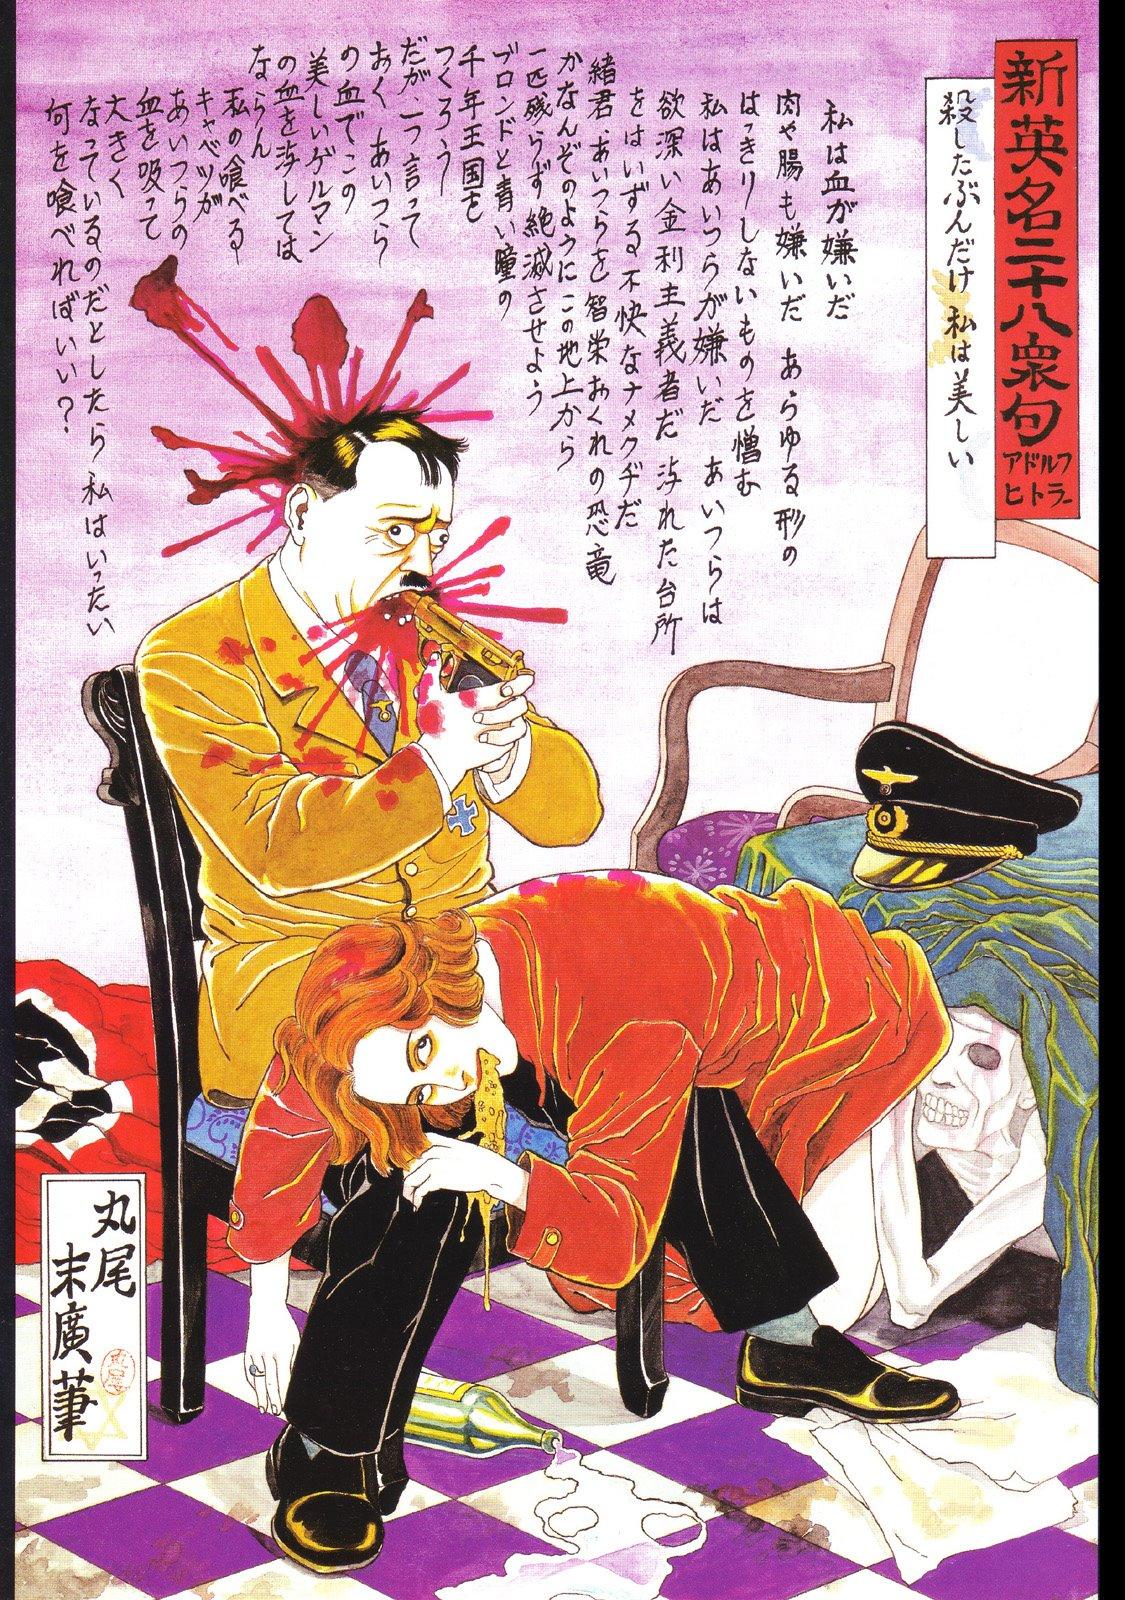 Suehiro Maruo 3